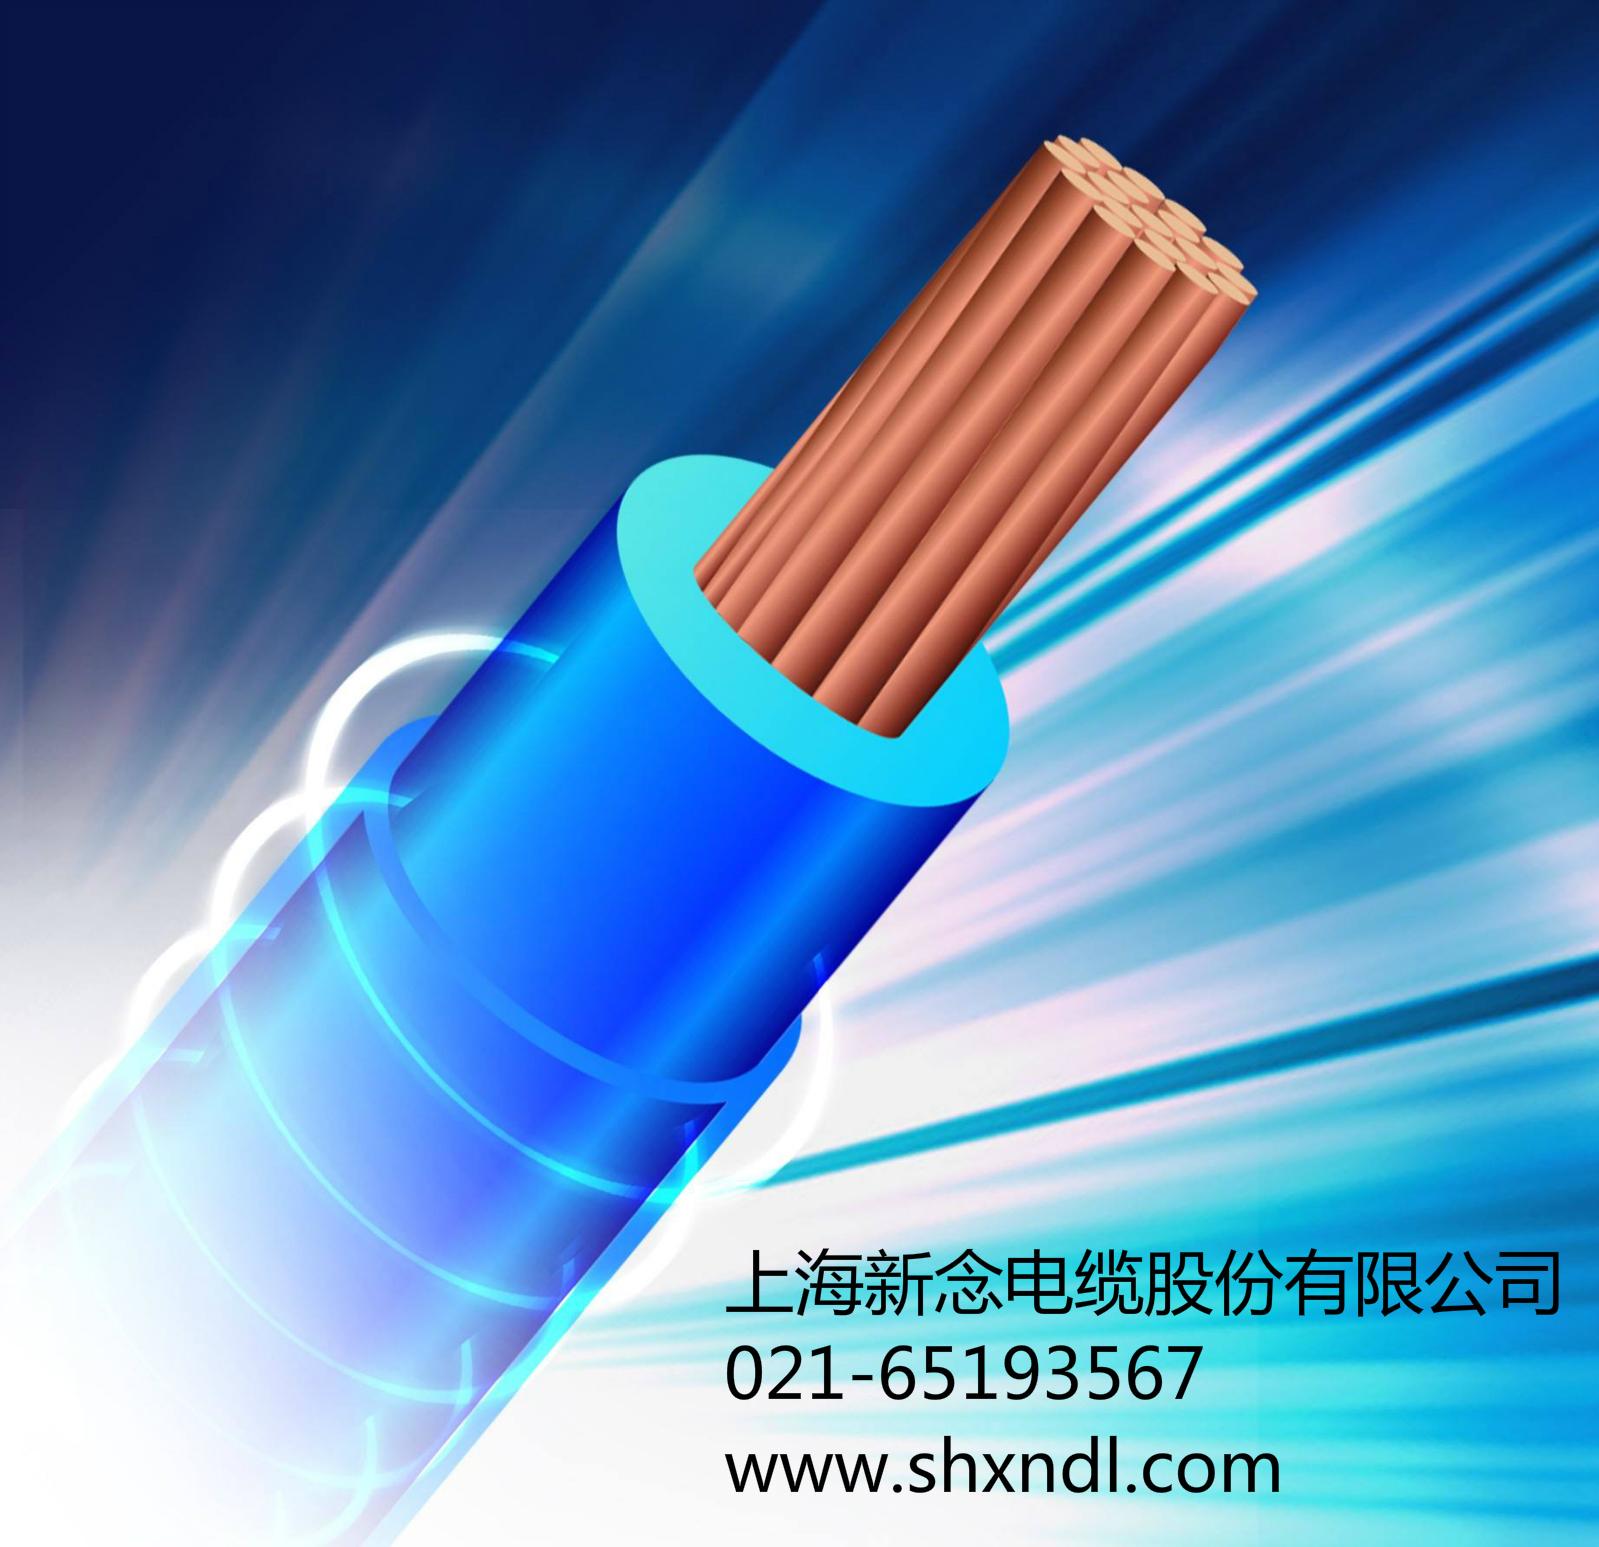 上海新念电缆告诉你电线电缆的使用也需因地制宜